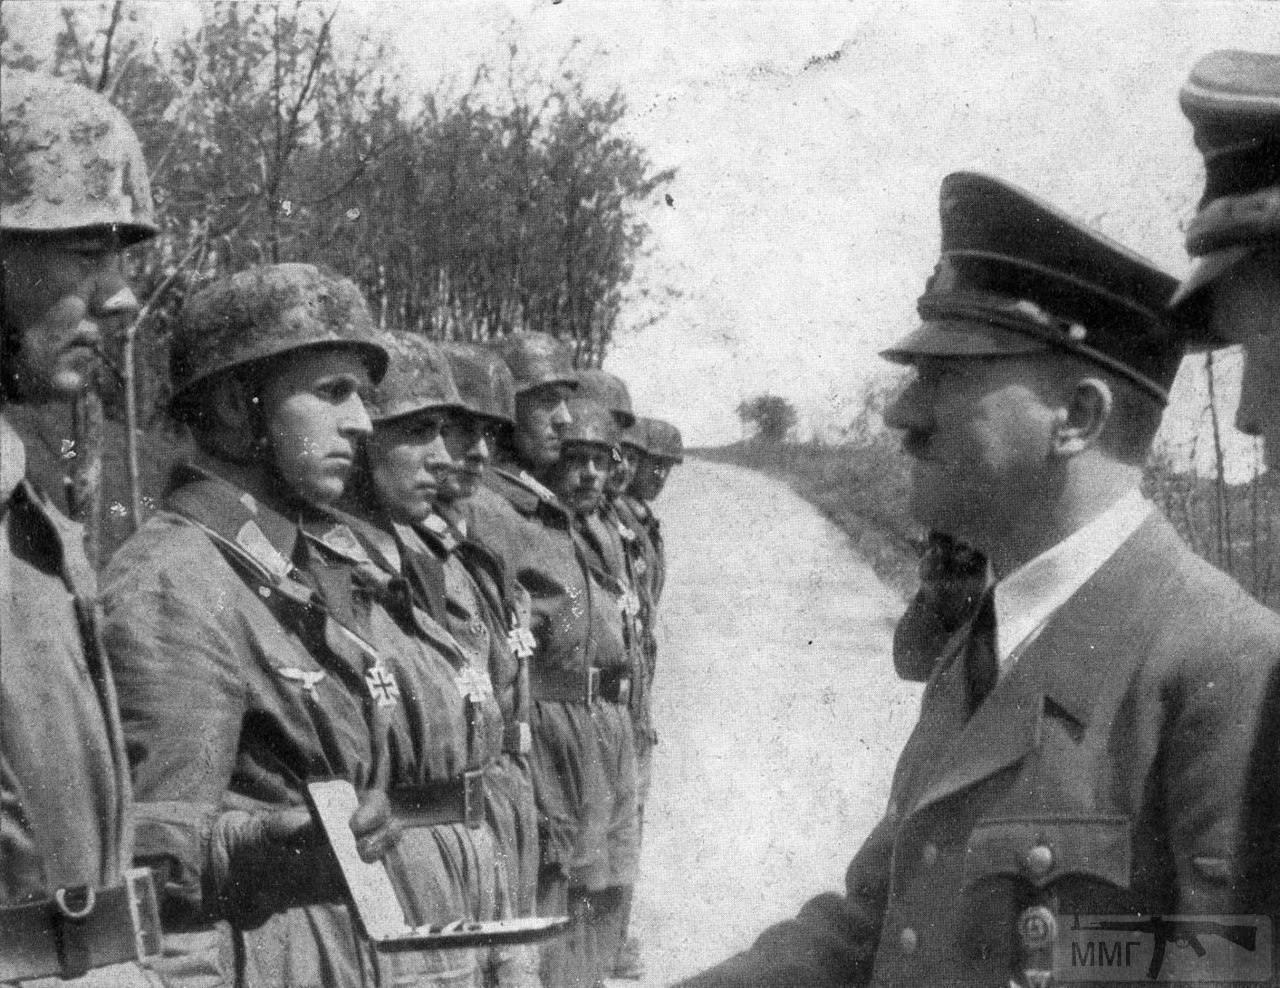 14200 - Адольф Гитлер вручает Железные кресты офицерам-десантникам штурмового батальона «Кох» (Sturm-Аbteilung Koch) 7-й авиадивизии (7.Flieger-Division), отличившимся во время оккупации Бельгии, Голландии и Люксембурга. Германия, Бад-Мюнстерайфель, 13 мая 1940 года.